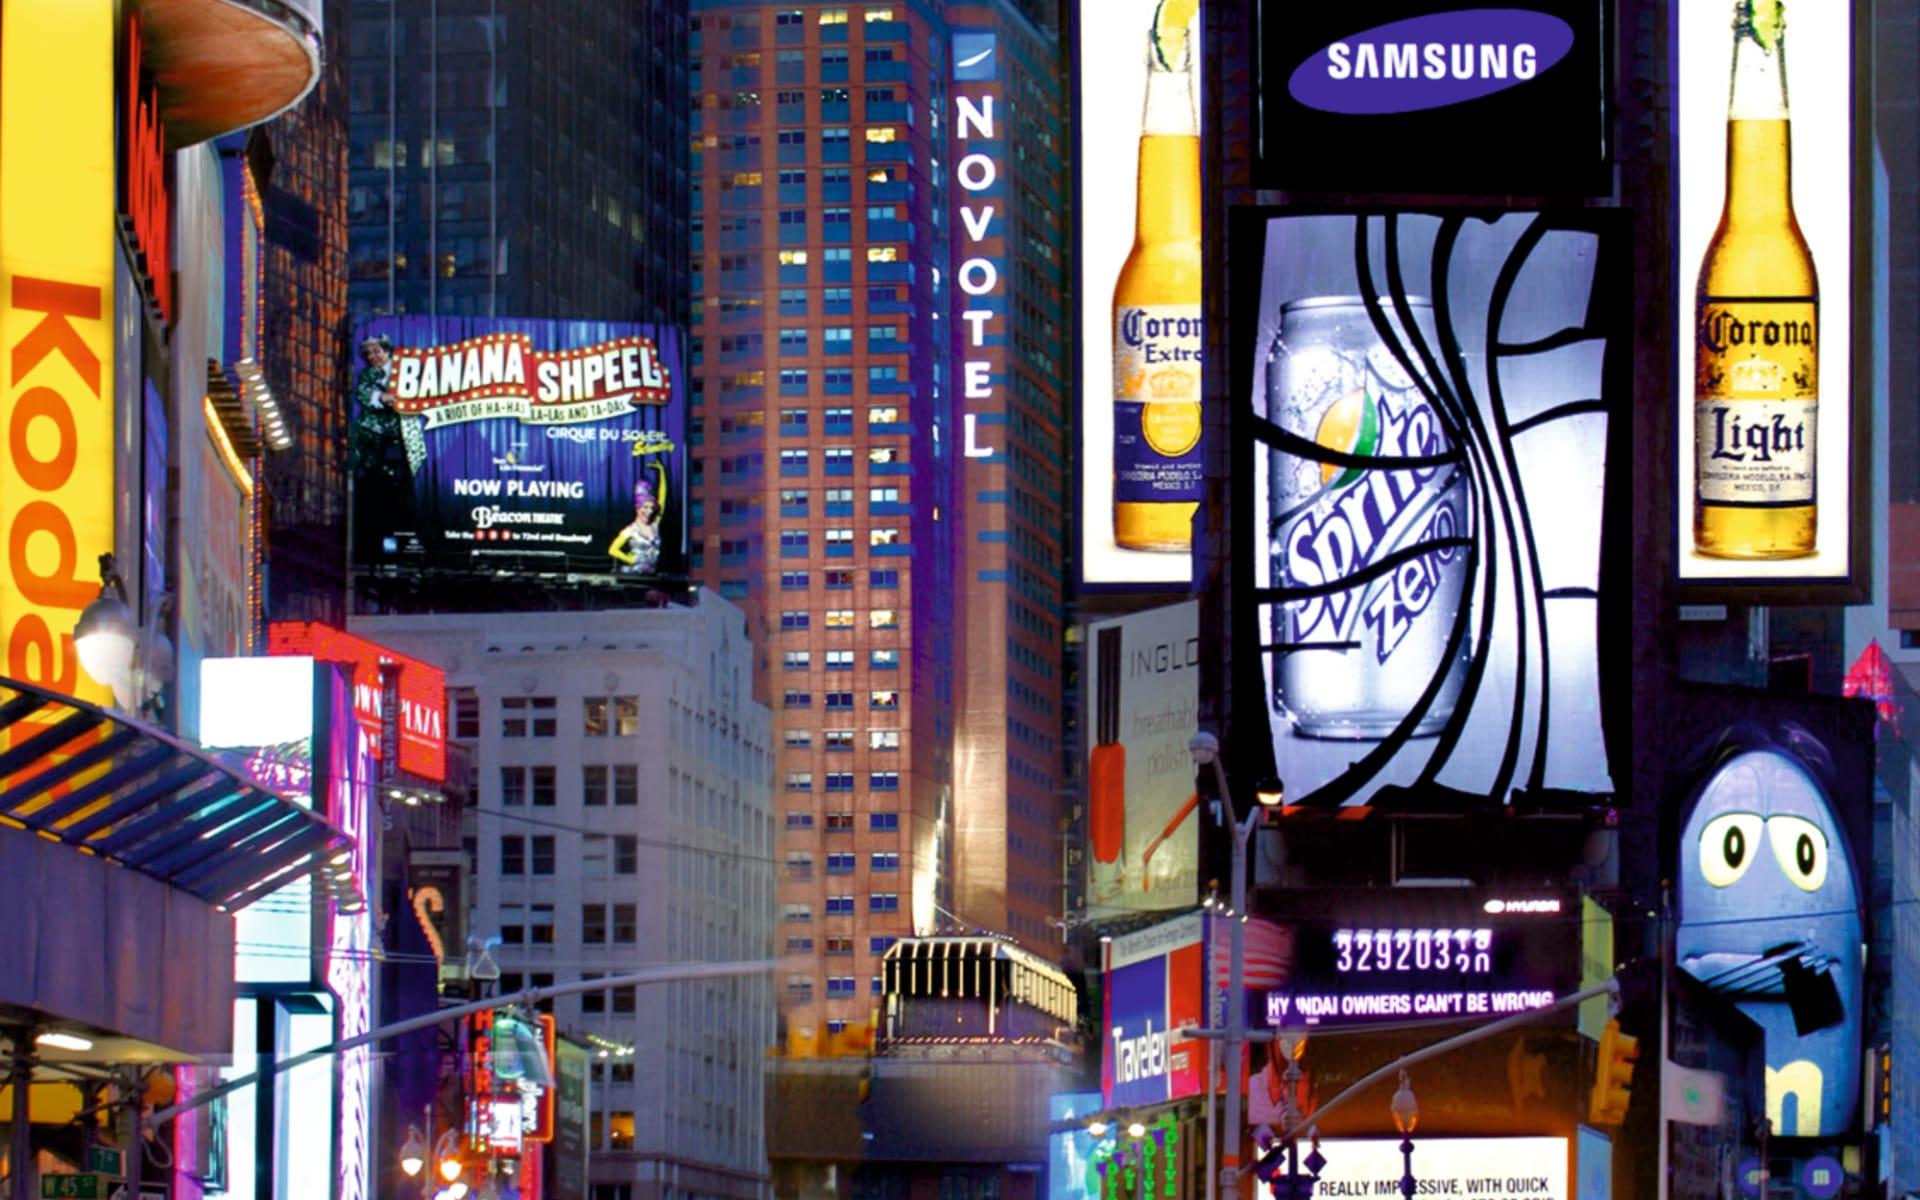 M Social Hotel Times Square in New York - Manhattan:  Novotel Times Square - Hotelansicht und Werbetafeln